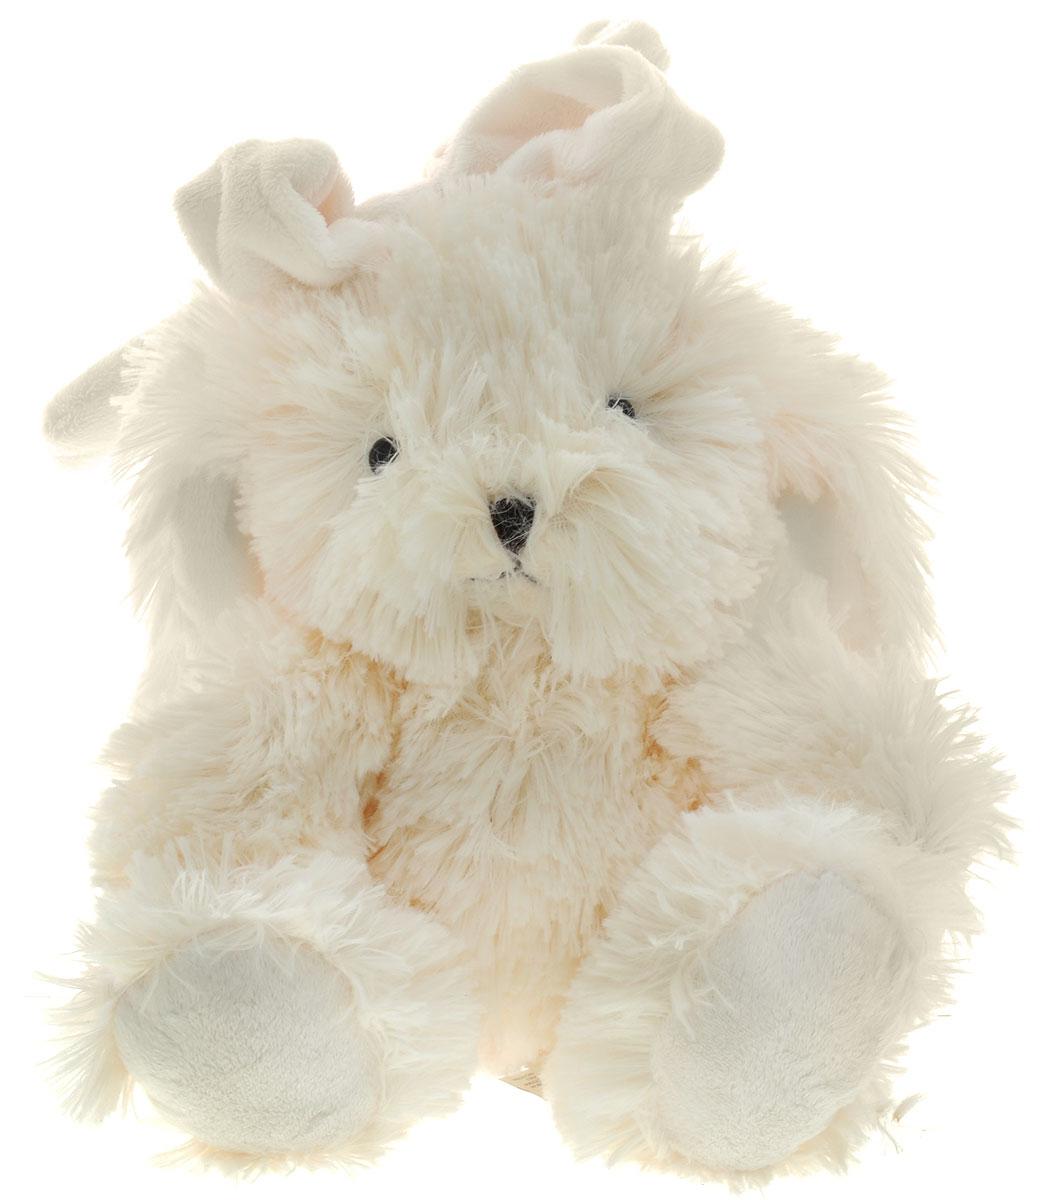 Soomo Мягкая игрушка Заяц Лута 21 смKA3530-1/8Игрушка Soomo Заяц Лута, выполненная в виде медвежонка с коричневым бантиком на шее, очарует не только ребенка, но и взрослого. Игрушка изготовлена из искусственного меха и трикотажных материалов с набивкой из 100 % синтепона. Мягкая игрушка Soomo Заяц Лута поможет любому человеку выразить свои чувства и преподнести незабываемый, оригинальный подарок своим близким и любимым.